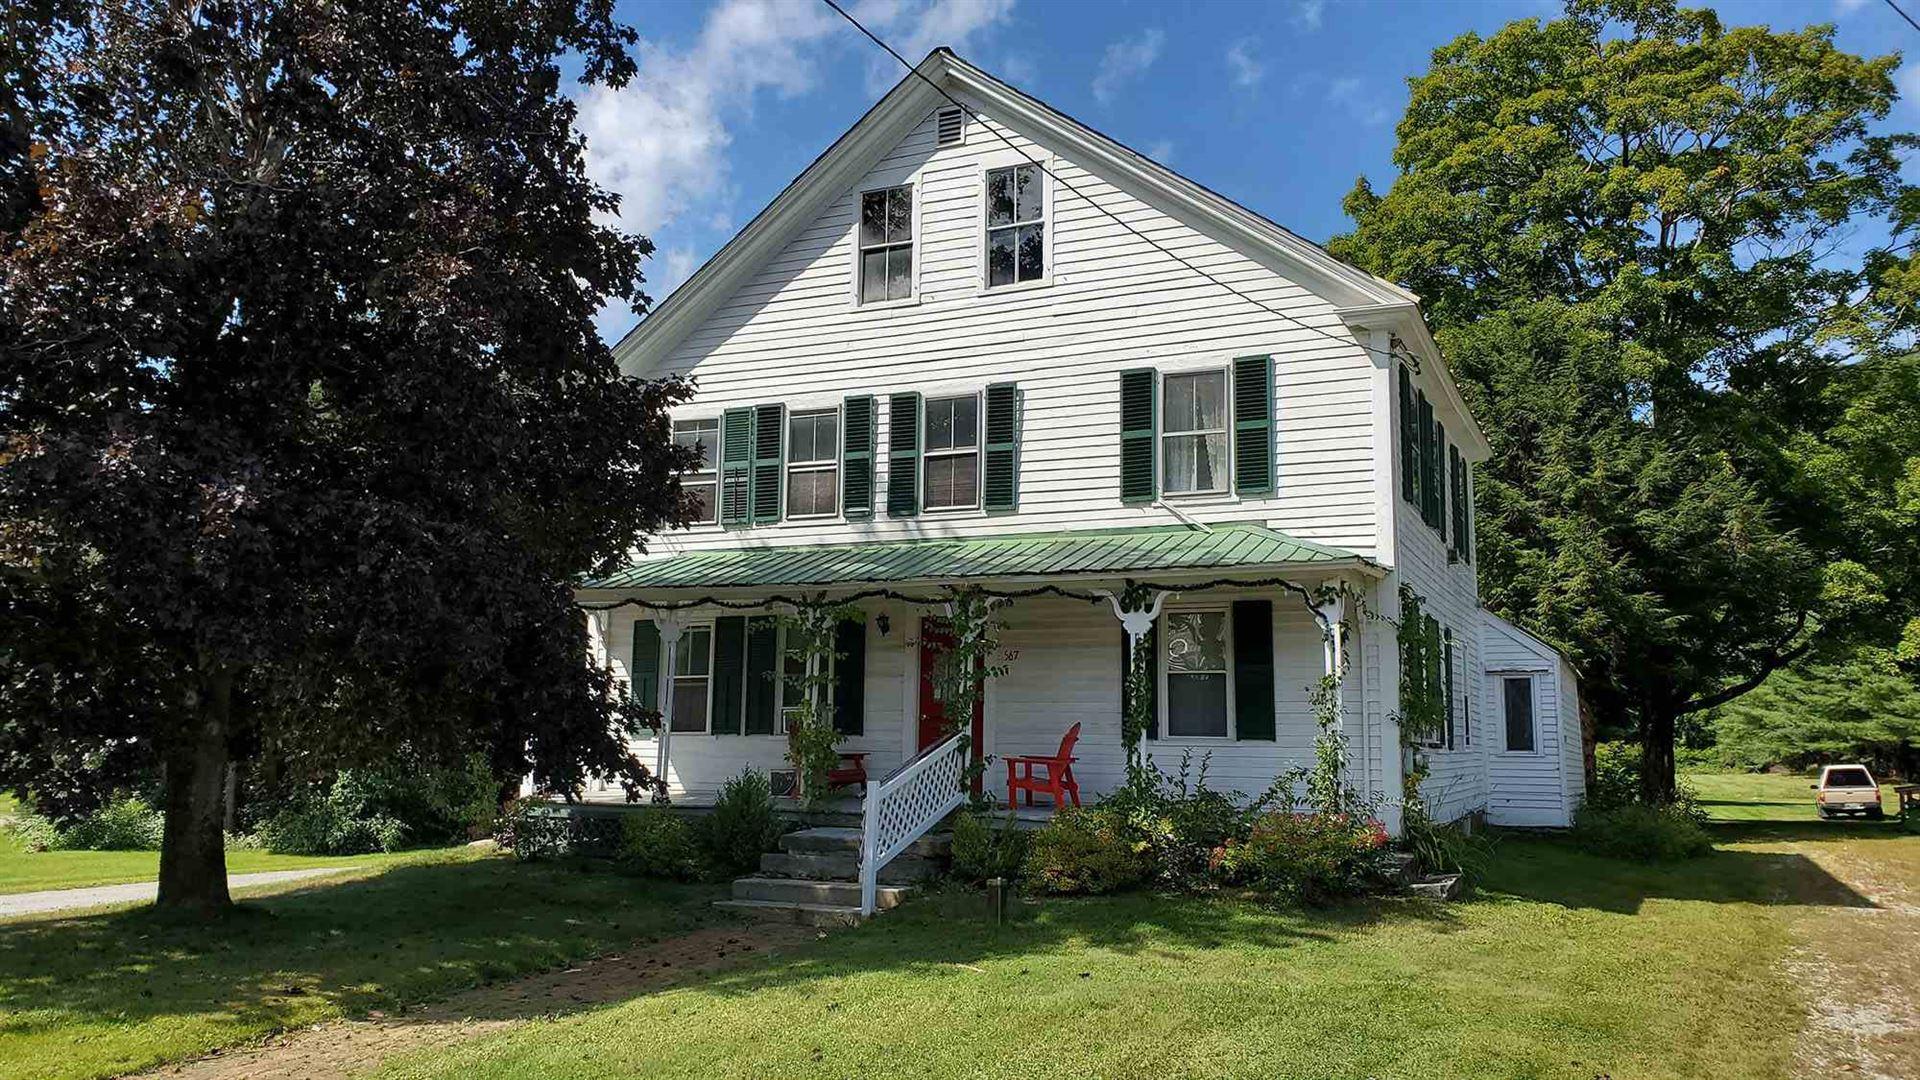 567 Vermont Route 30, Newfane, VT 05345 - MLS#: 4828809